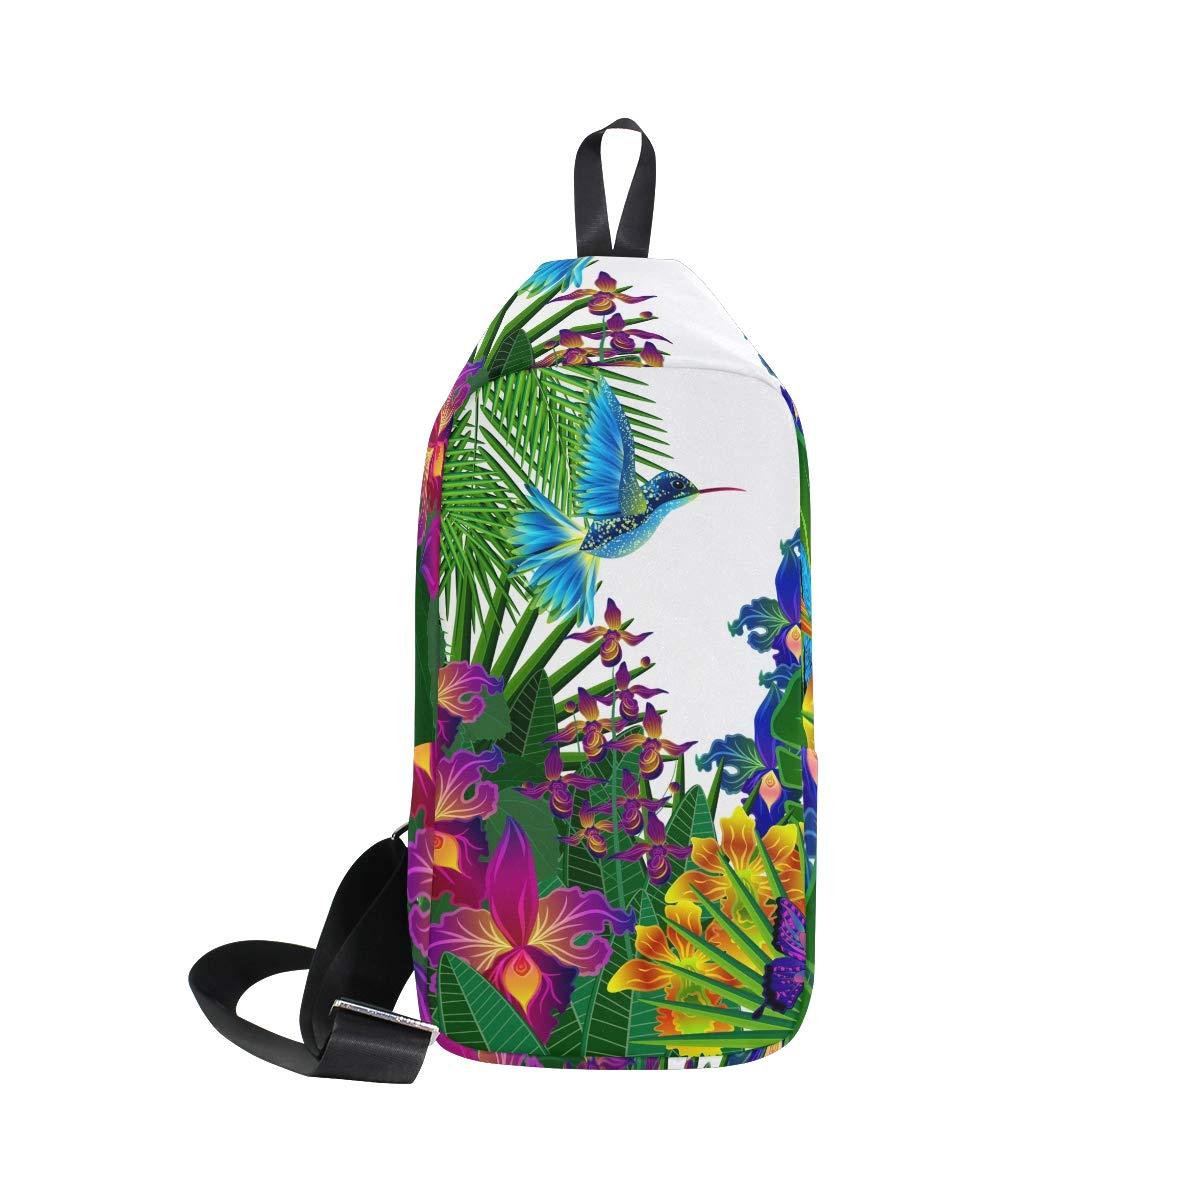 TFONE Hummingbird Flower Bird Crossbody Bag Lightweight Chest Shoulder Messenger Pack Backpack Sling Bag